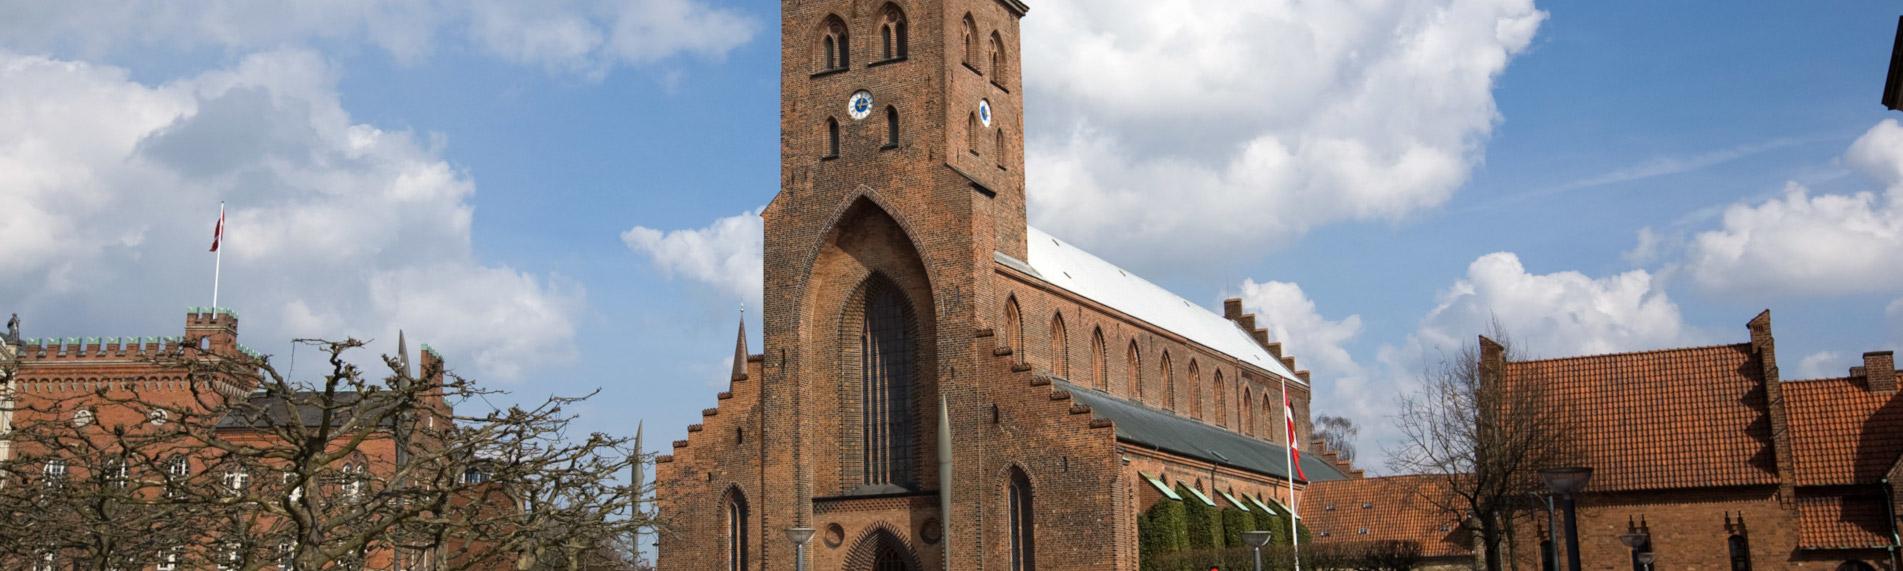 Odense domkyrka har stor nytta av korrekt och kontrollerbar vätning